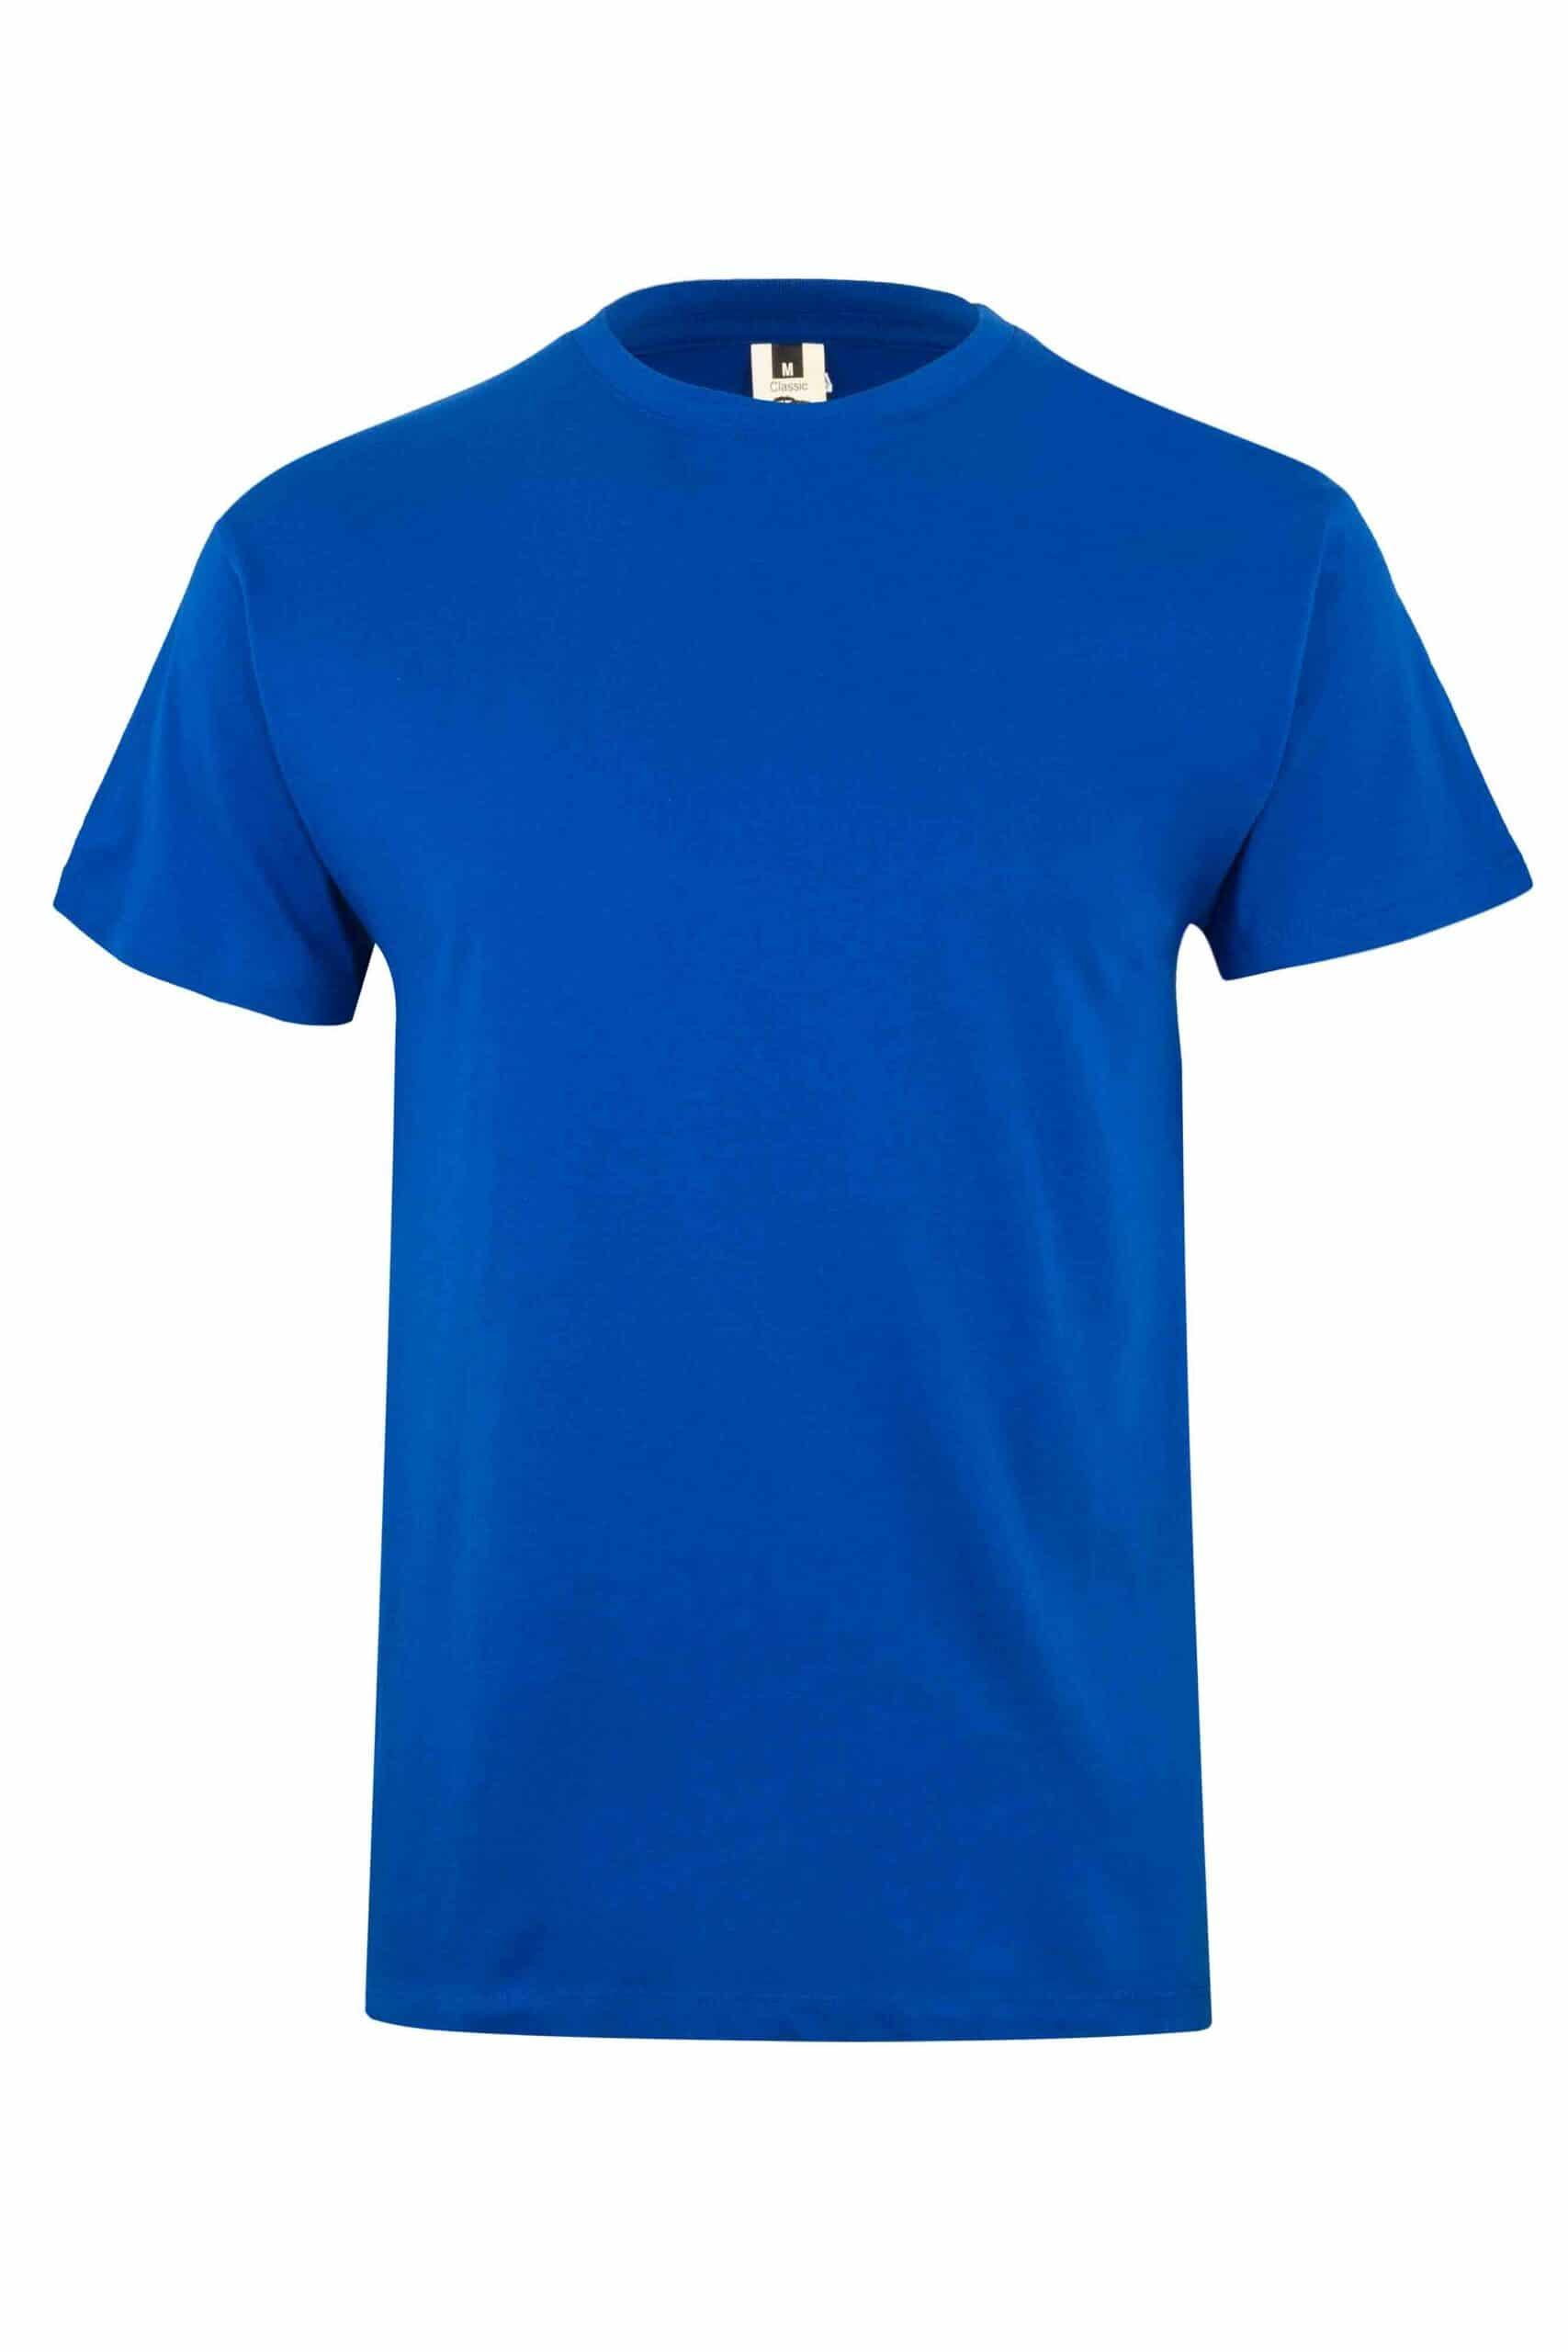 Mukua Mk022cv Camiseta Manga Corta 150gr Royal Blue